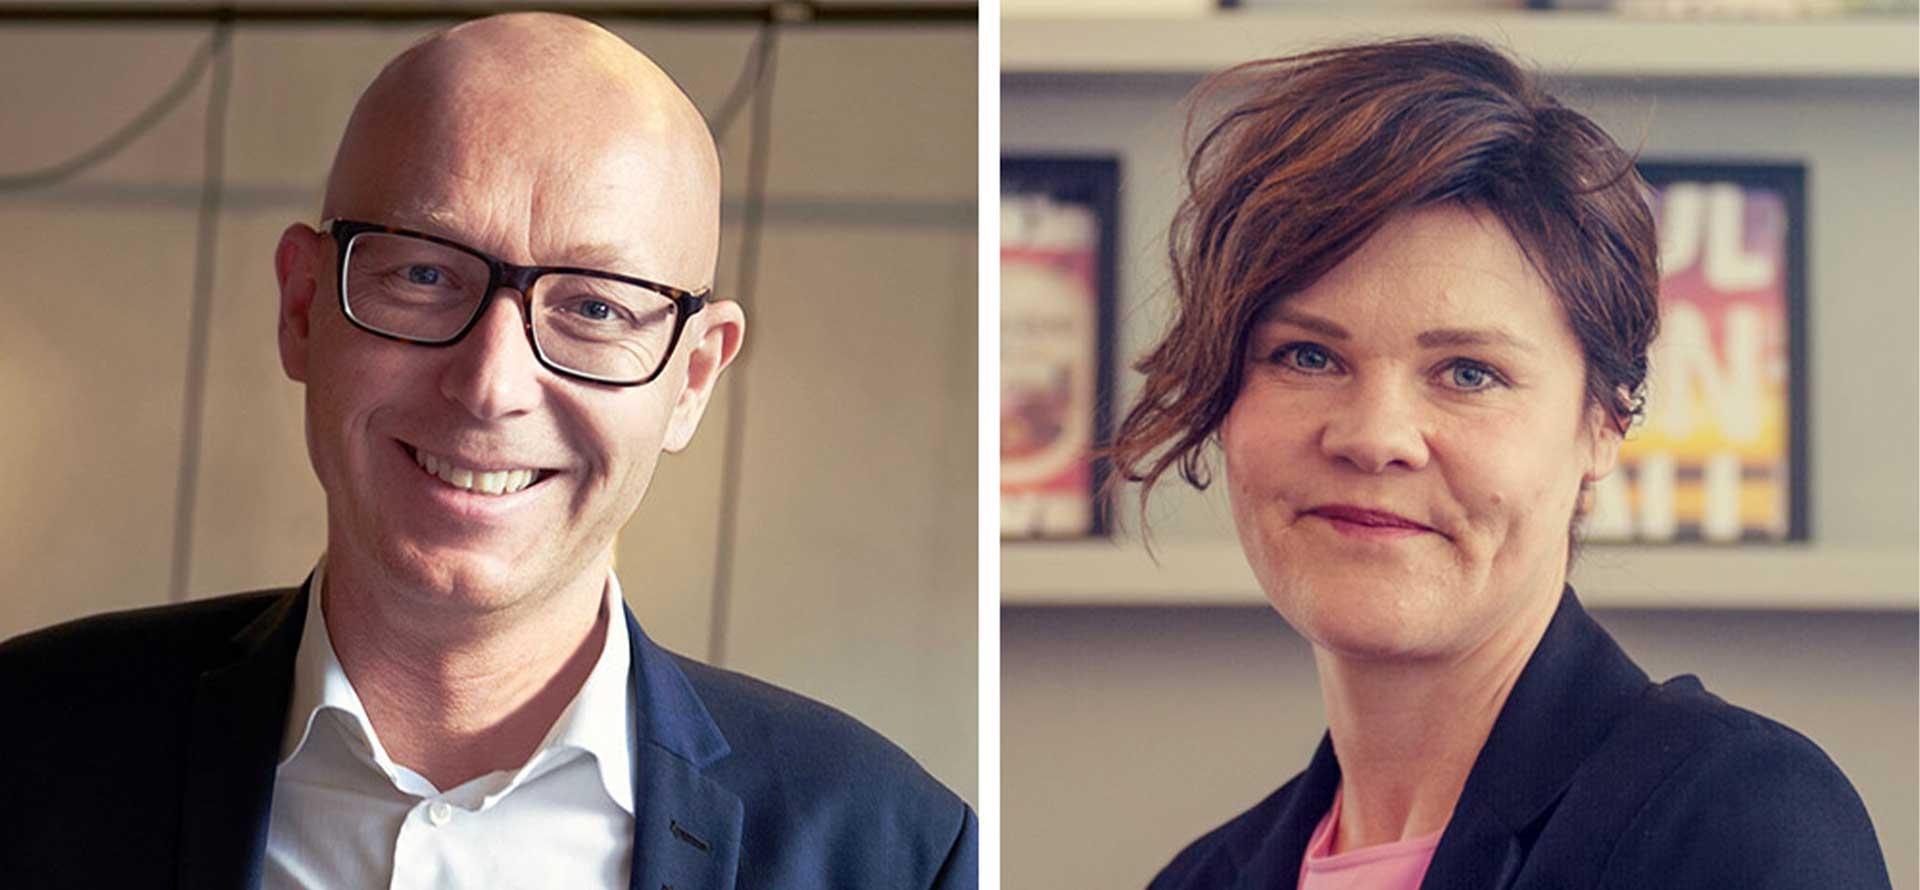 Ett kollage av porträttbilder på Per Wallentin och Hanna Aspklint på IT-konsultbolaget Knowit